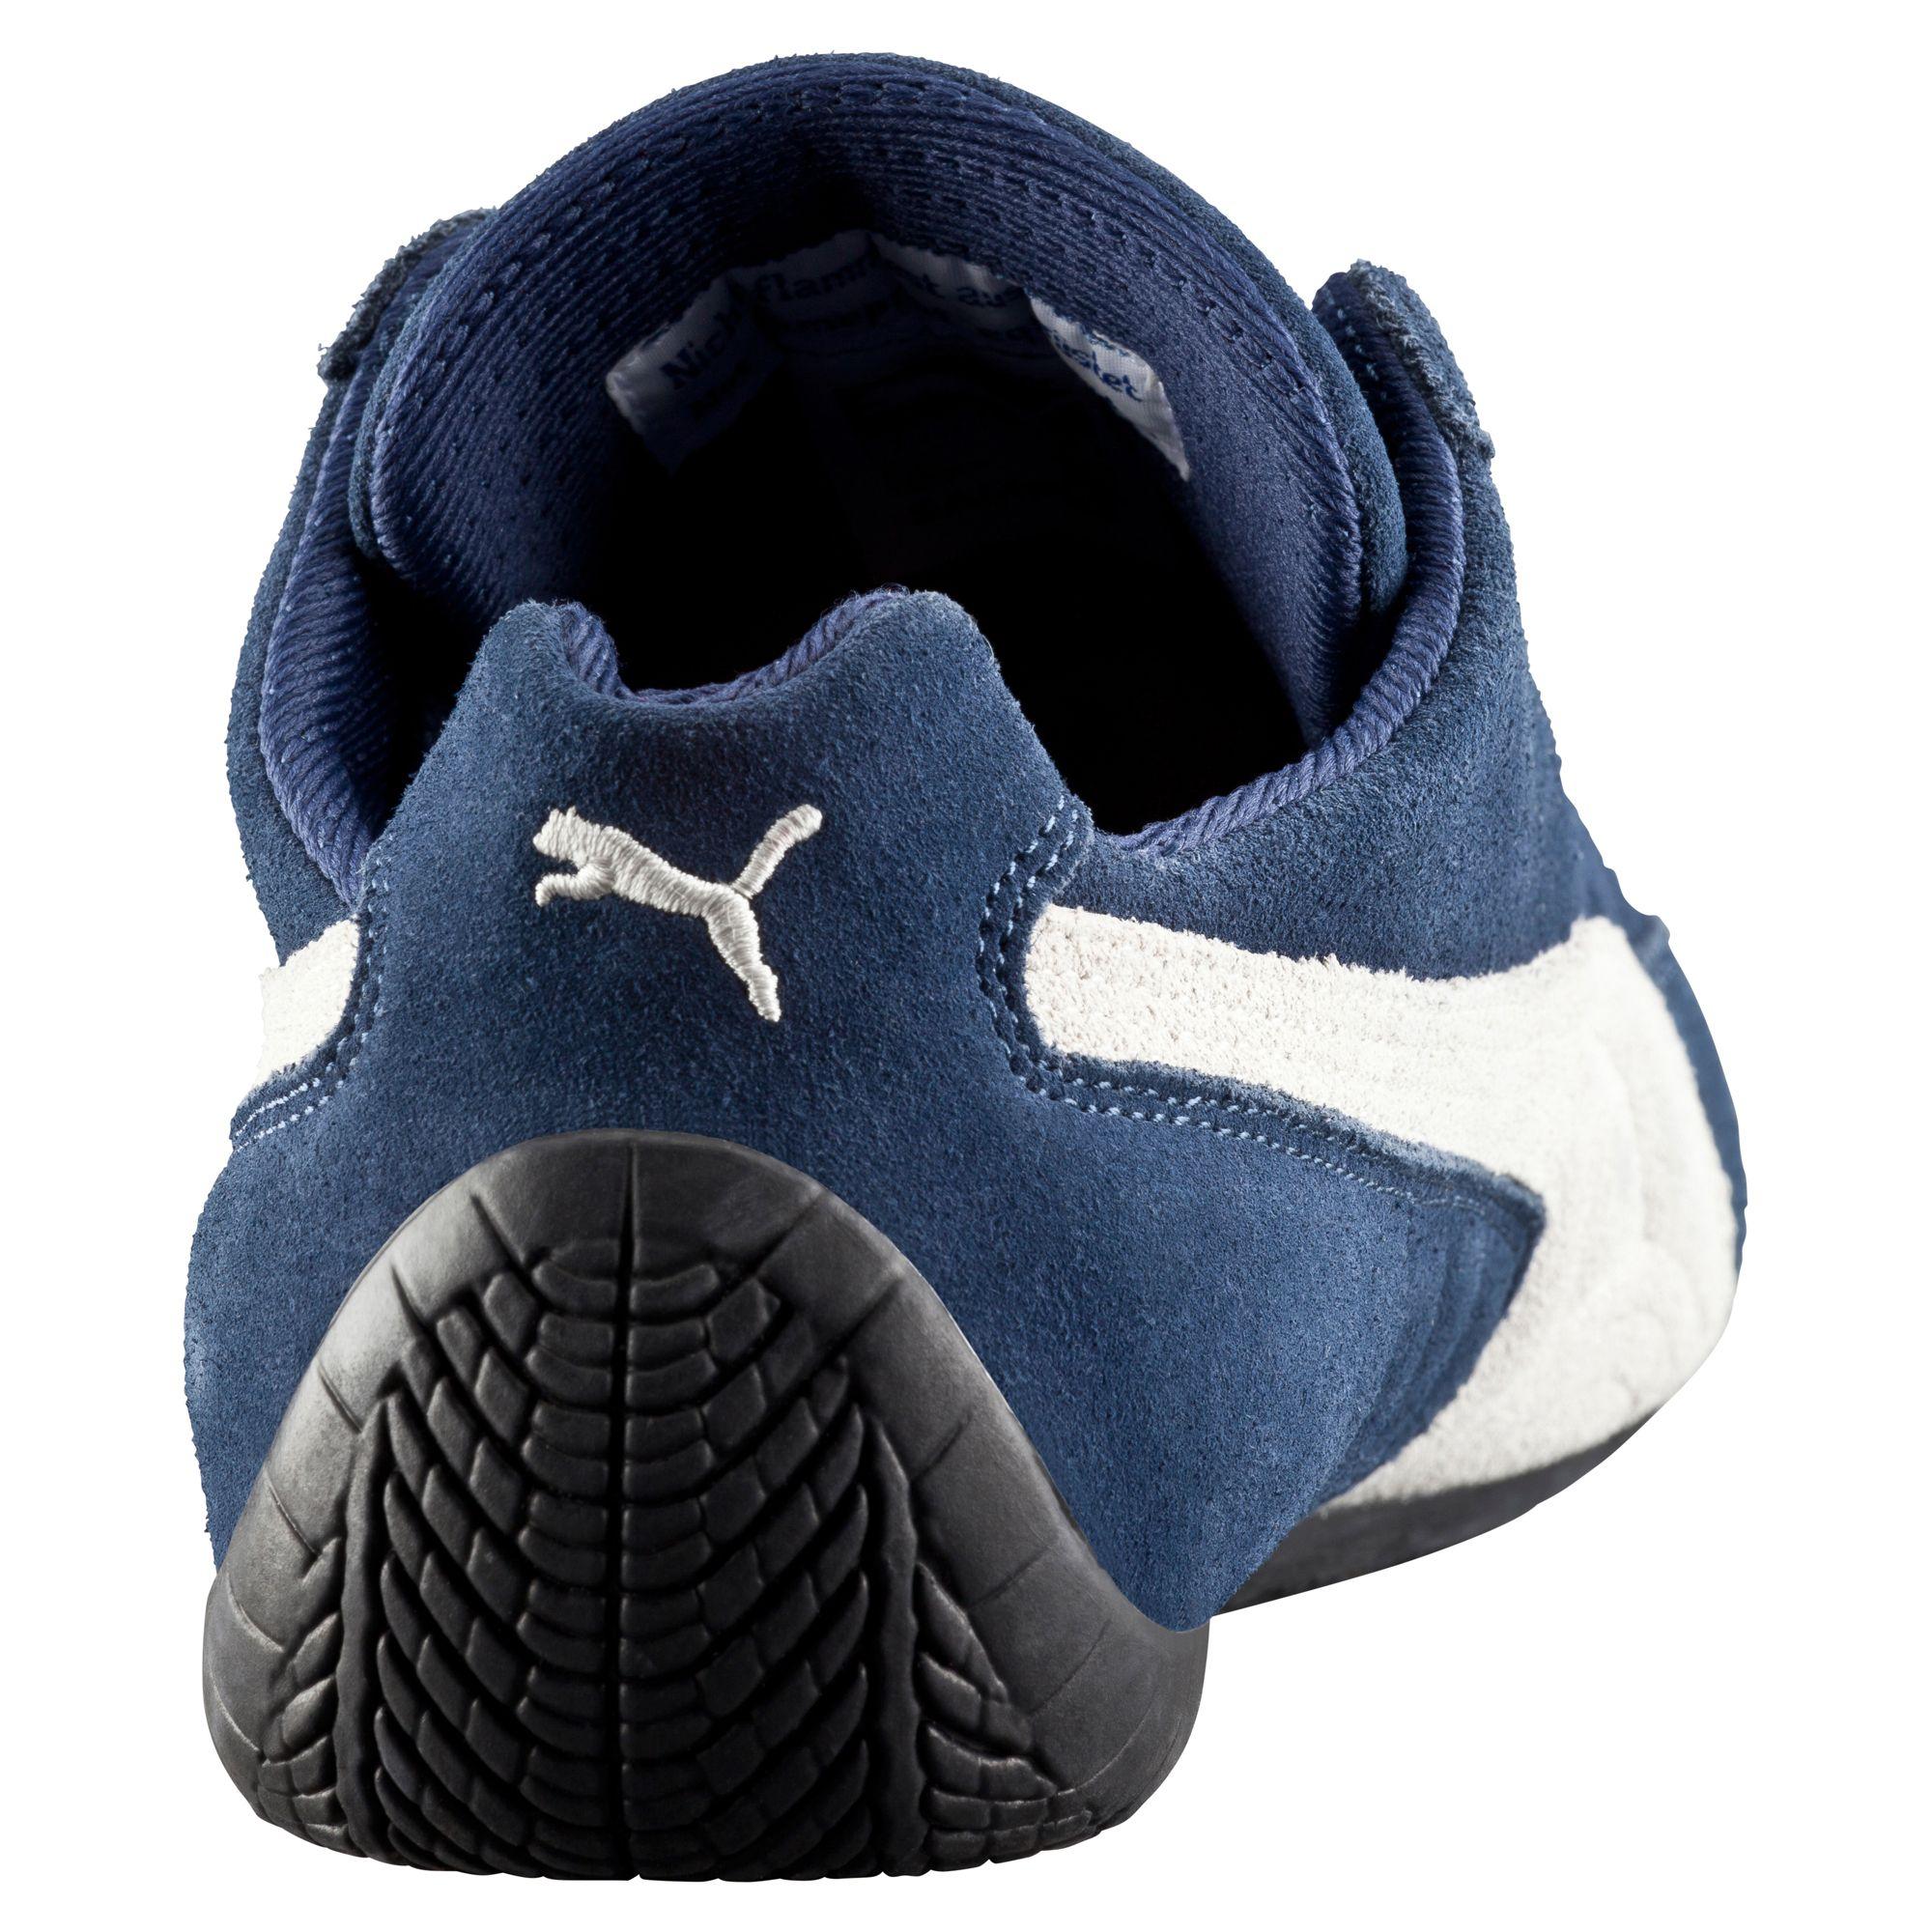 puma sneaker 44